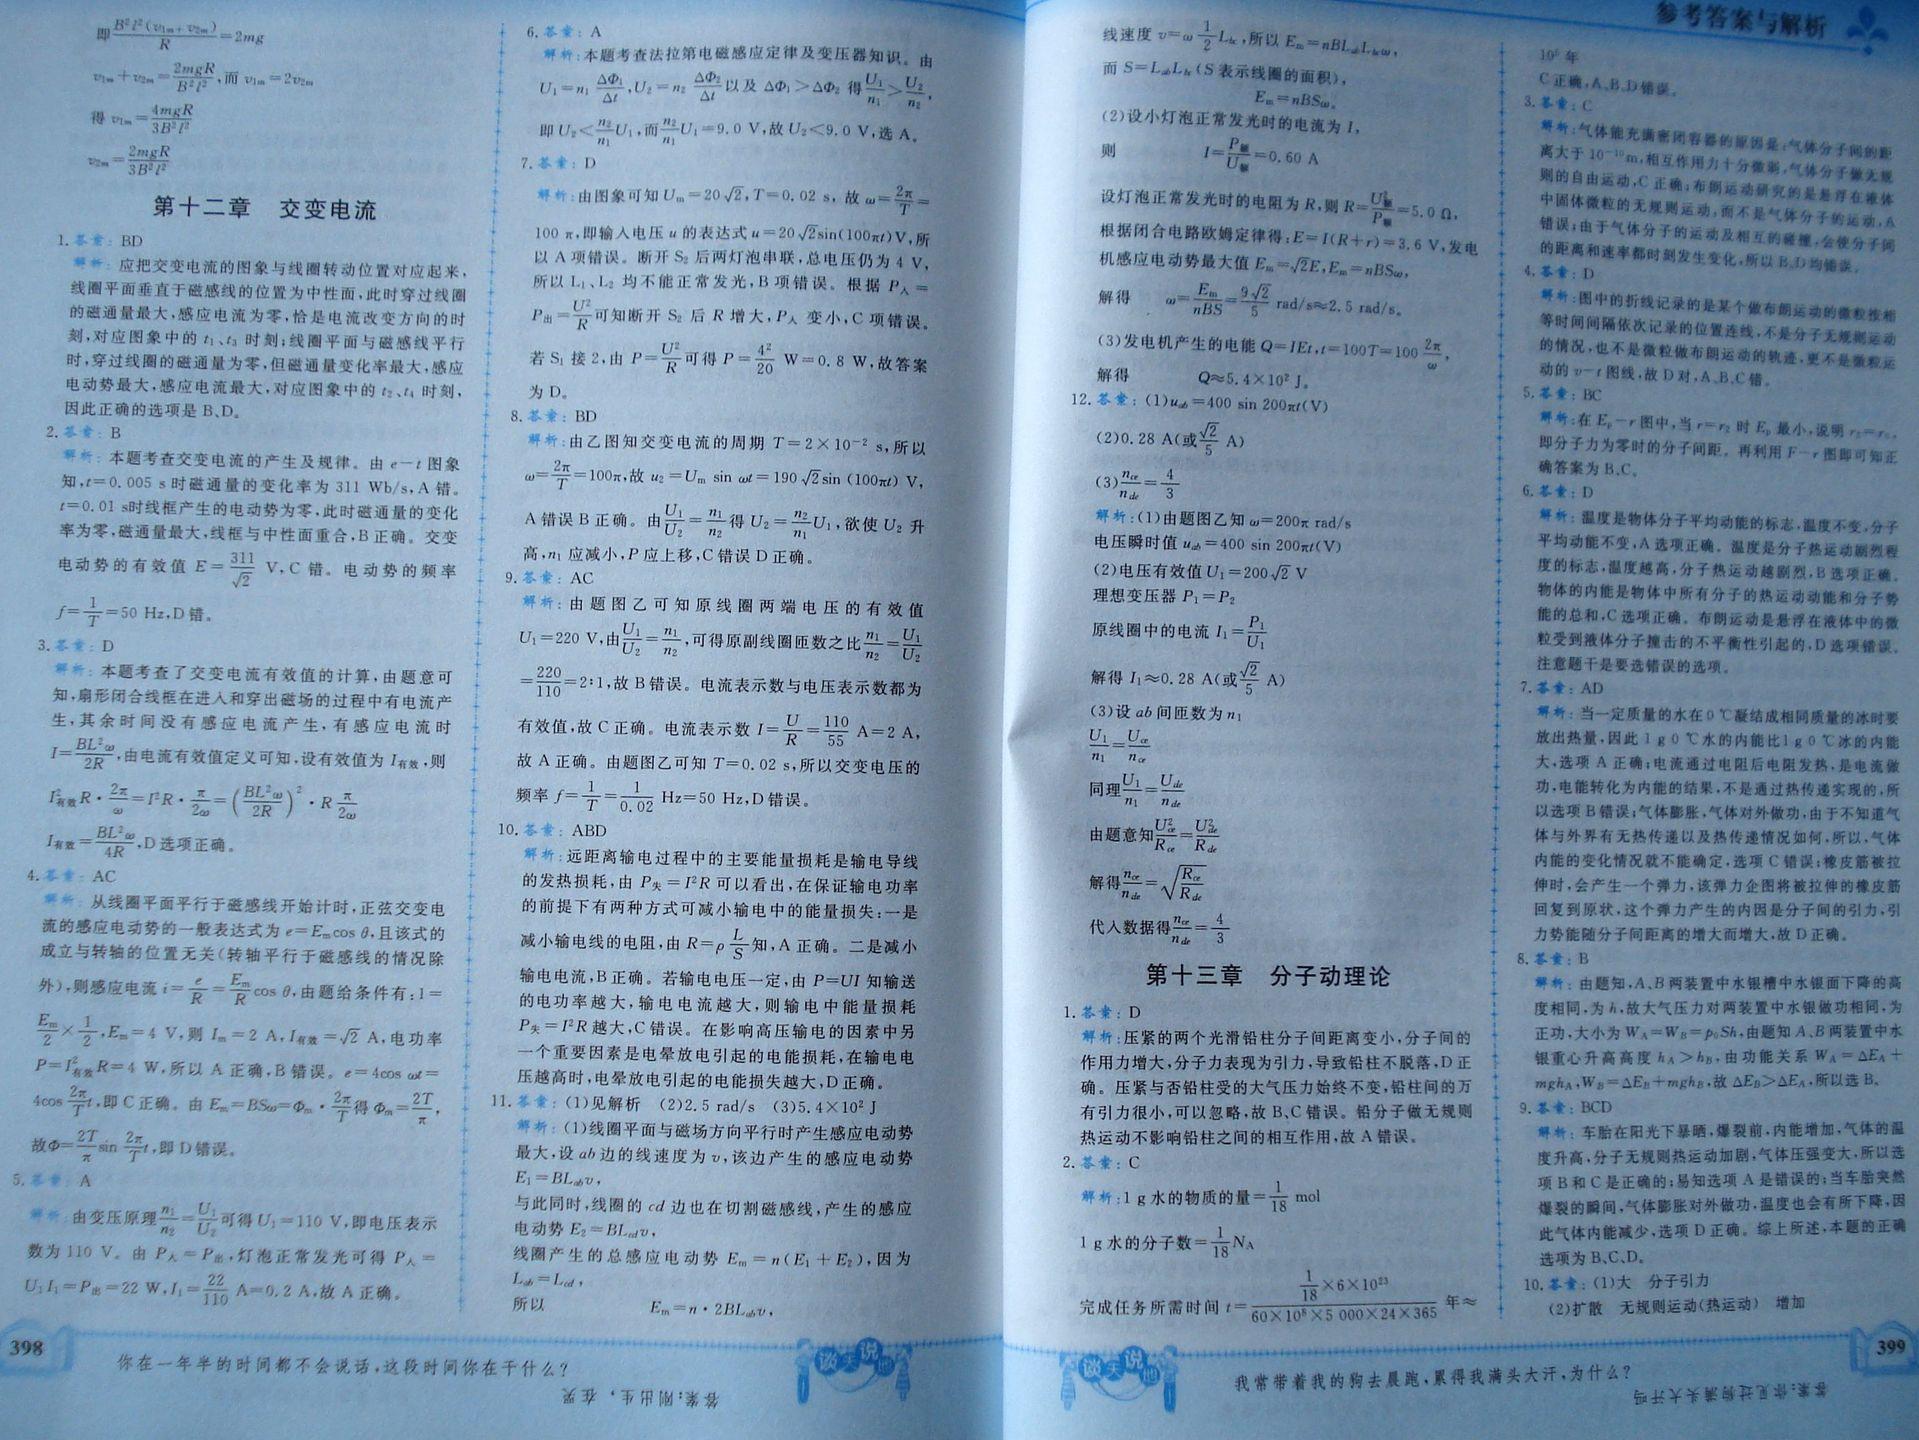 批发教辅书资料思维导图高中物理 工具书 新思维 新课标高考必备图